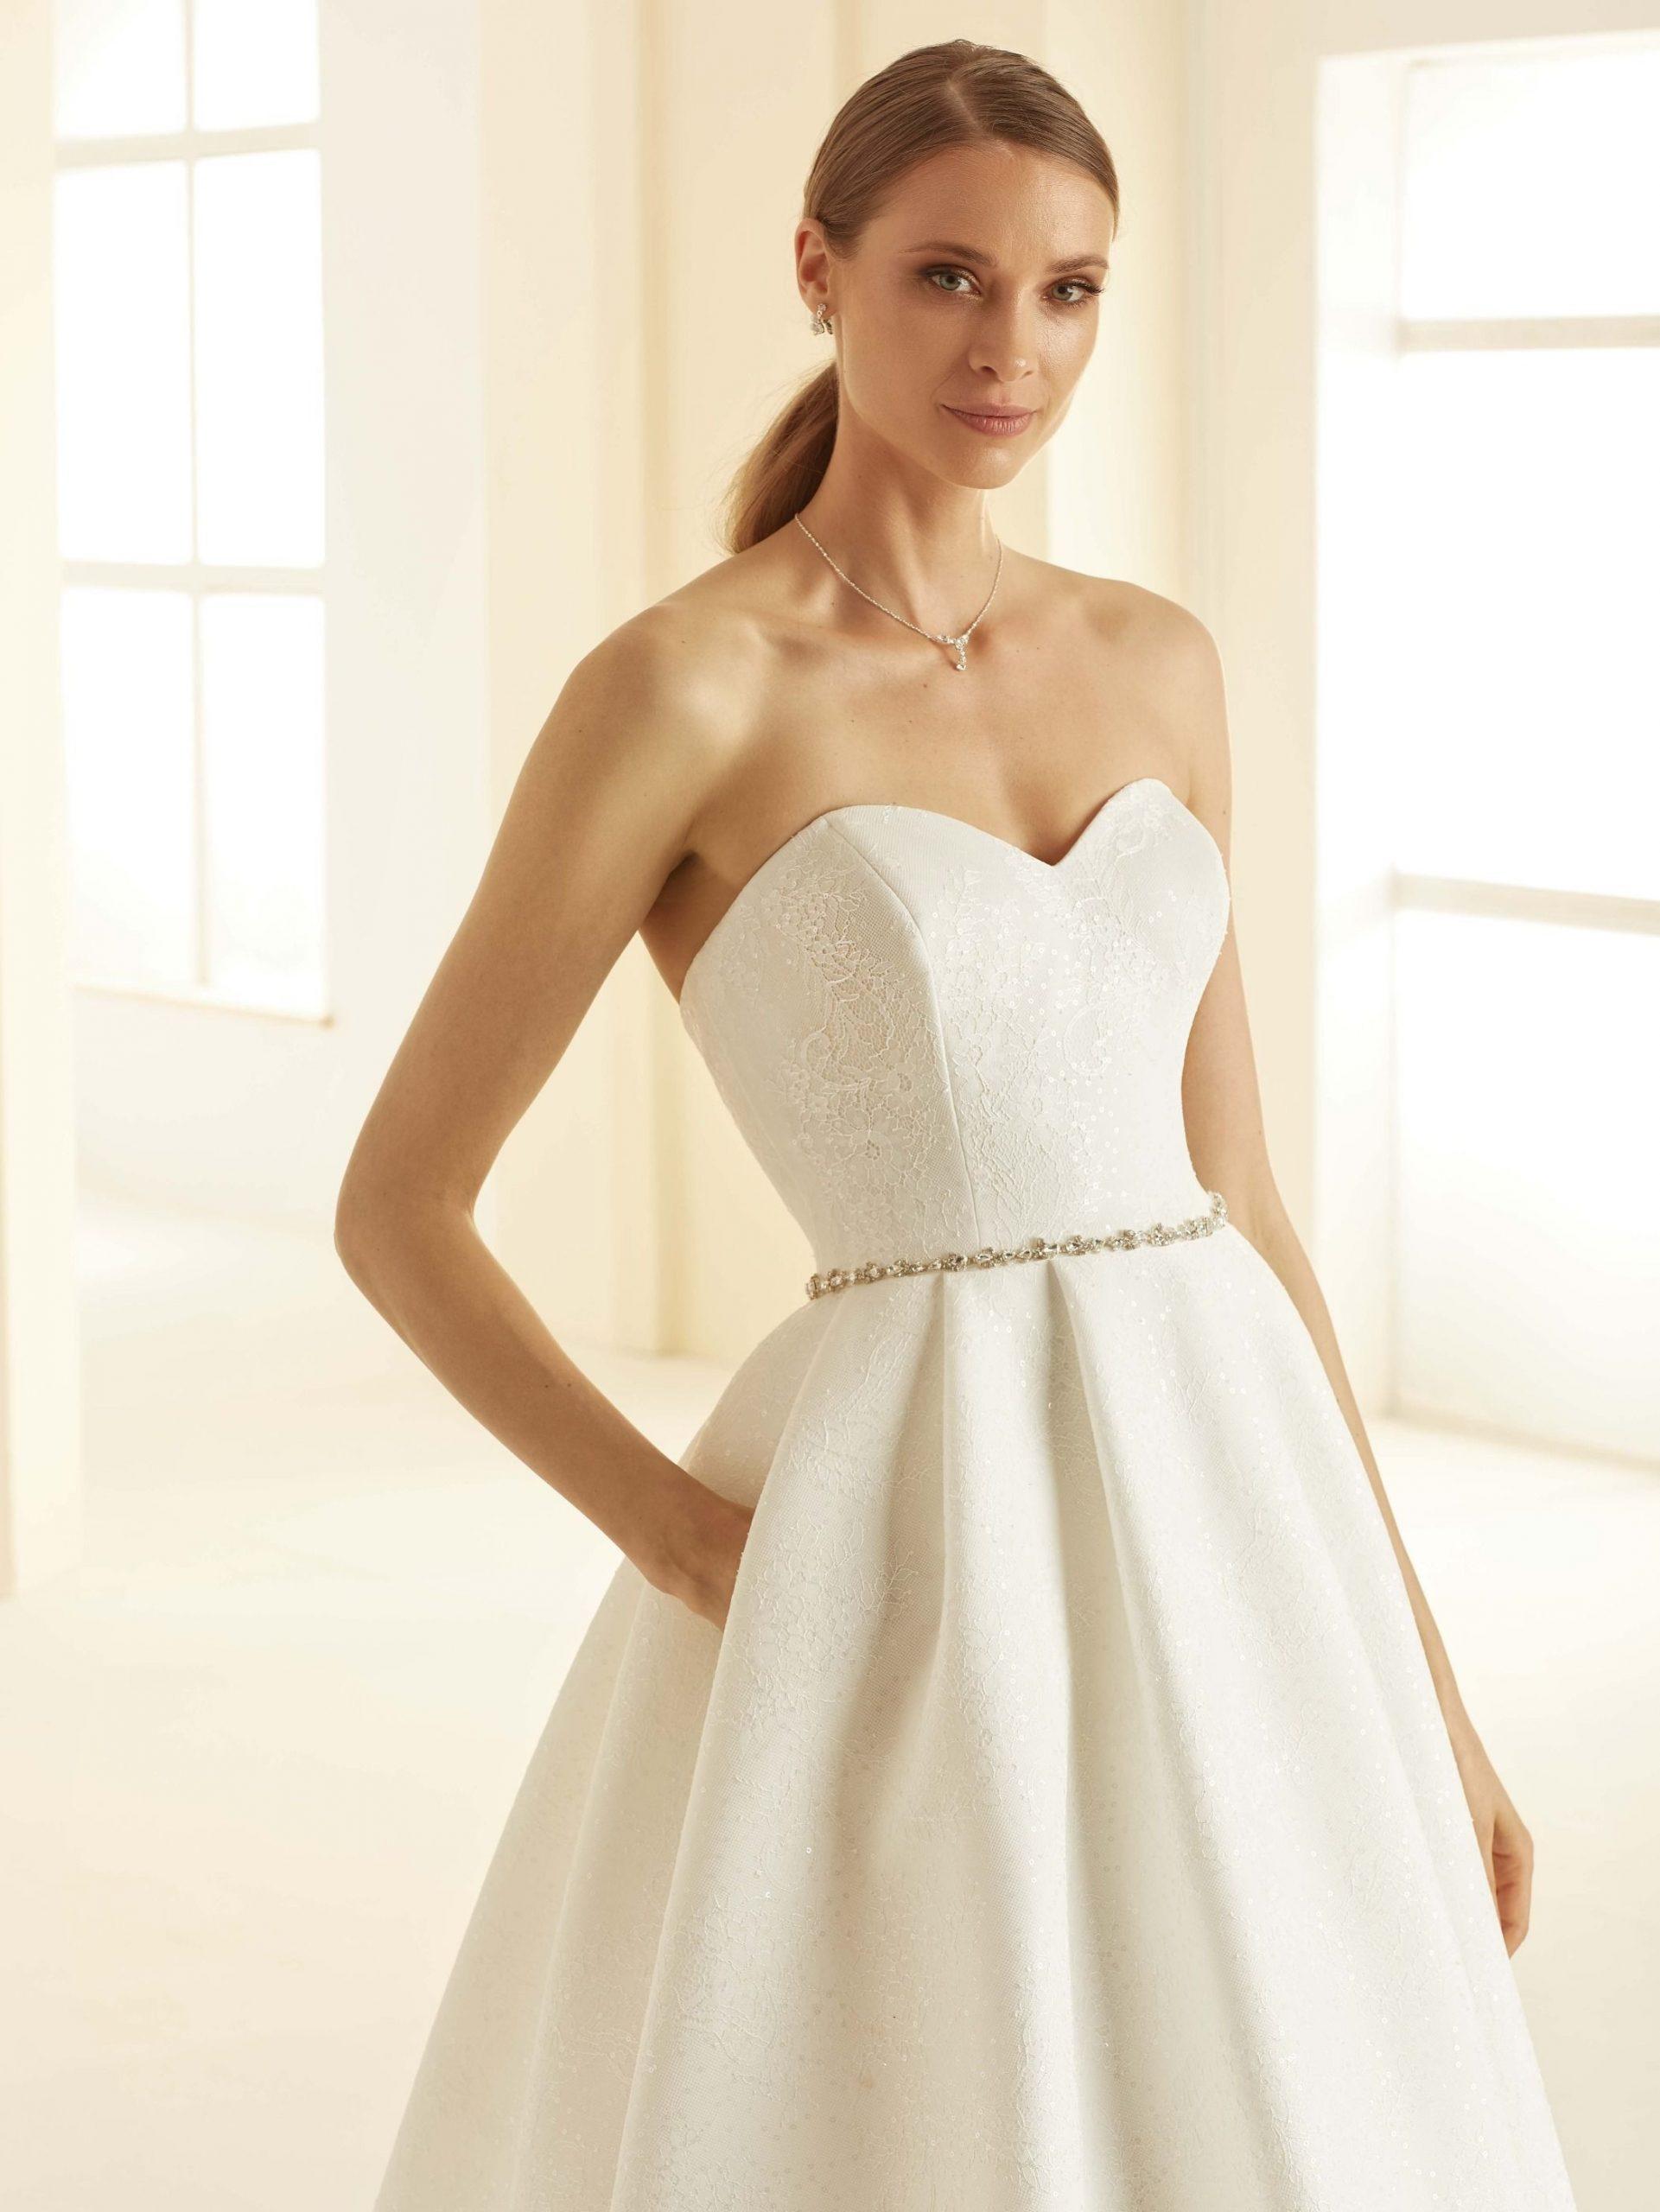 Hochzeitskleid Isolde  Samyra Fashion